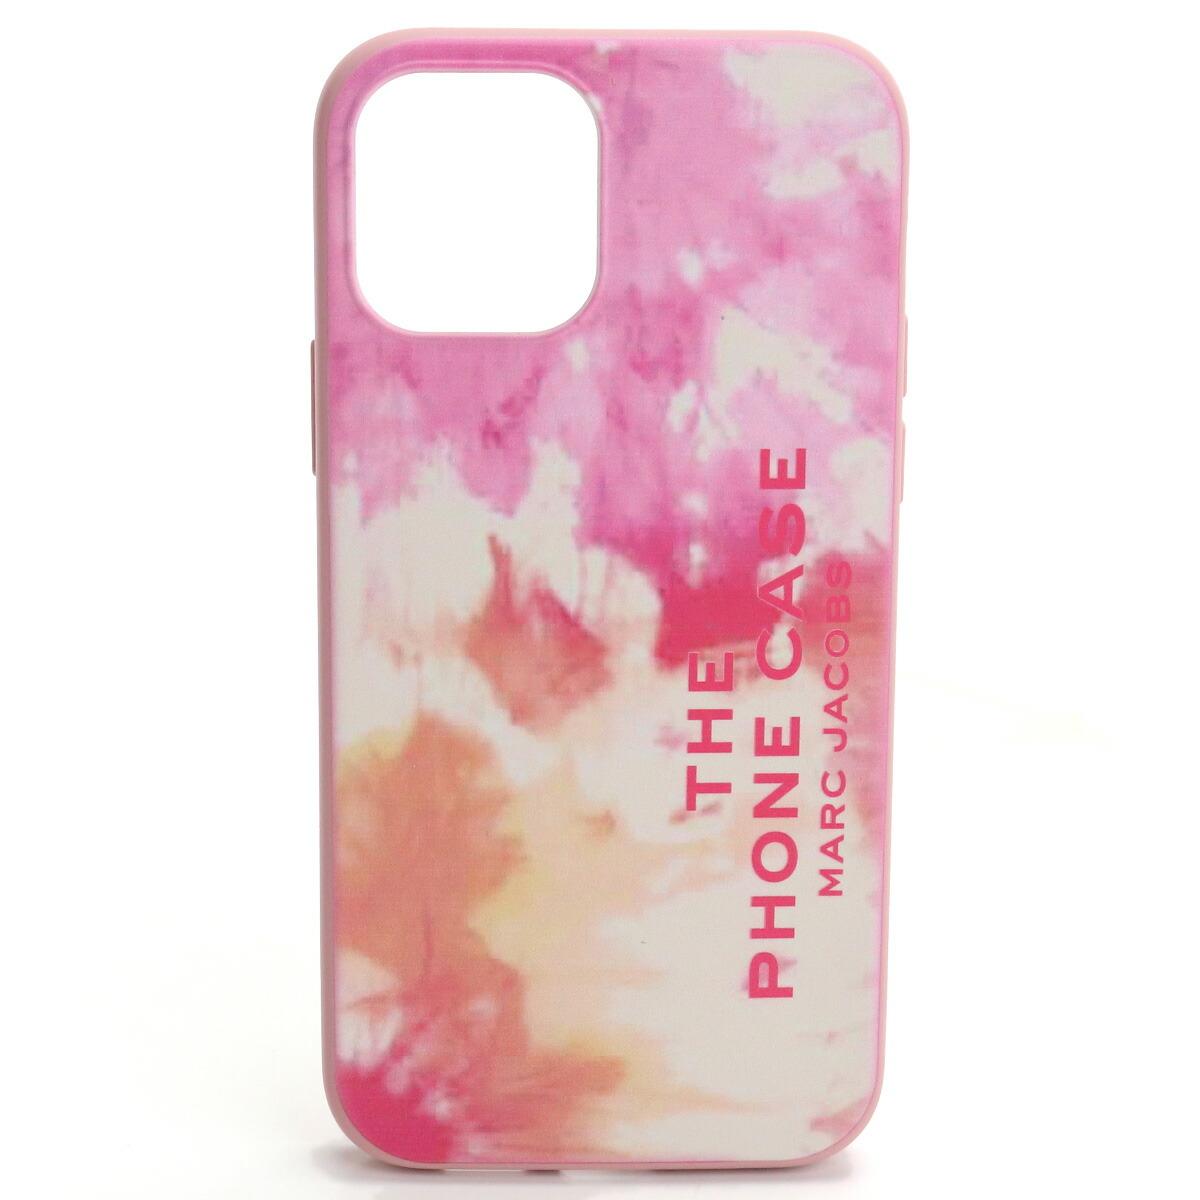 マーク・ジェイコブス MARC JACOBS Iphone 12 Pro iPhoneケース ブランドiPhoneケース T507M02PF21 699 PINK MULTI ピンク系